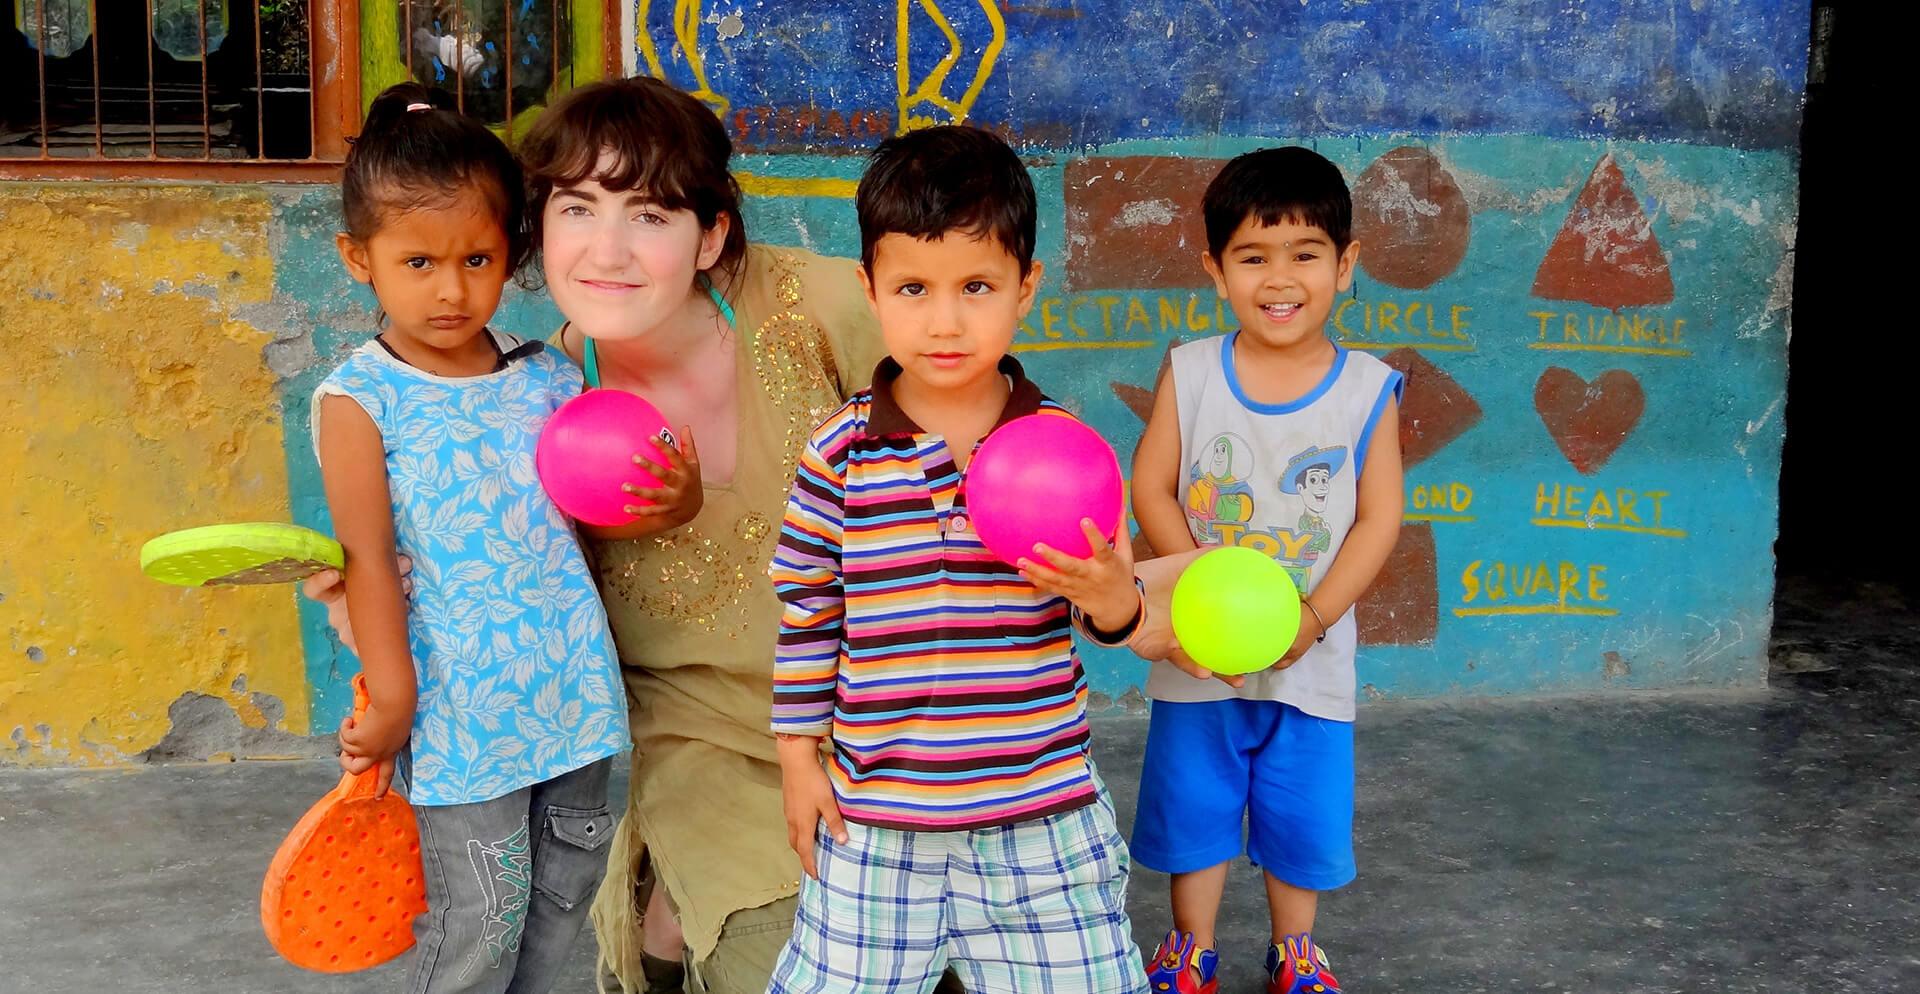 Proyectos de voluntariado infantil en el extranjero